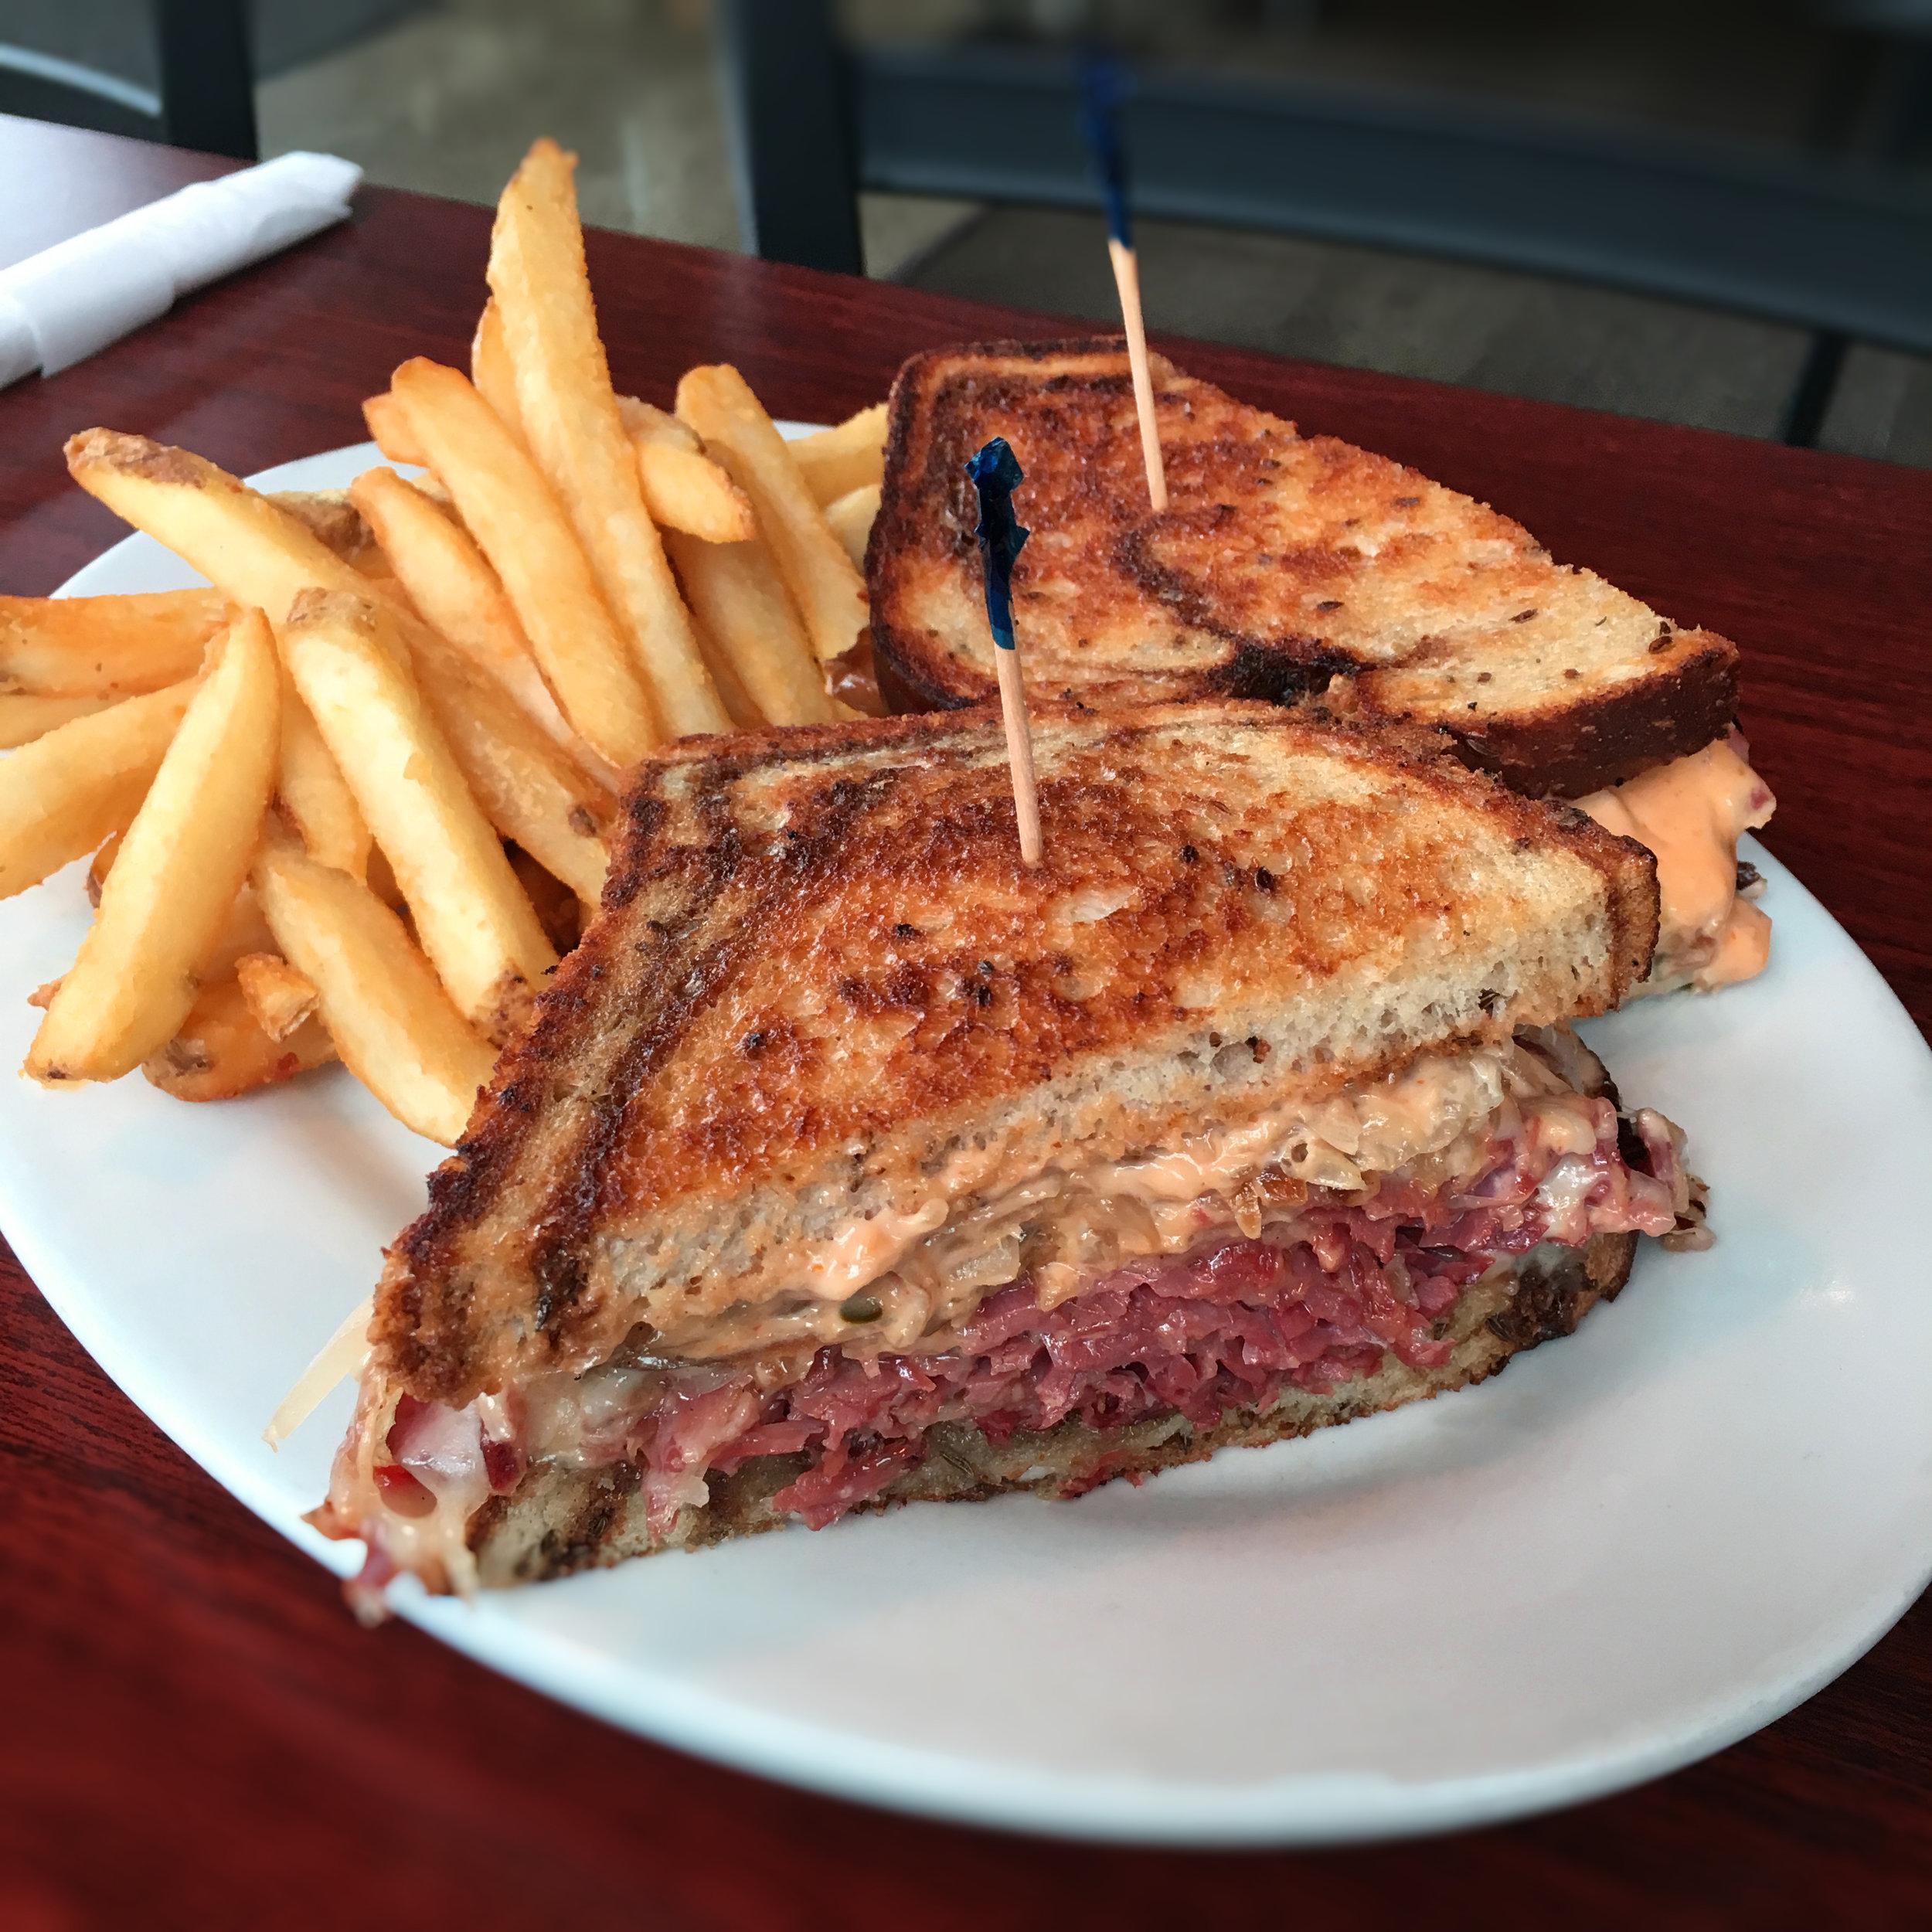 T's Corned Beef Reuben Sandwich